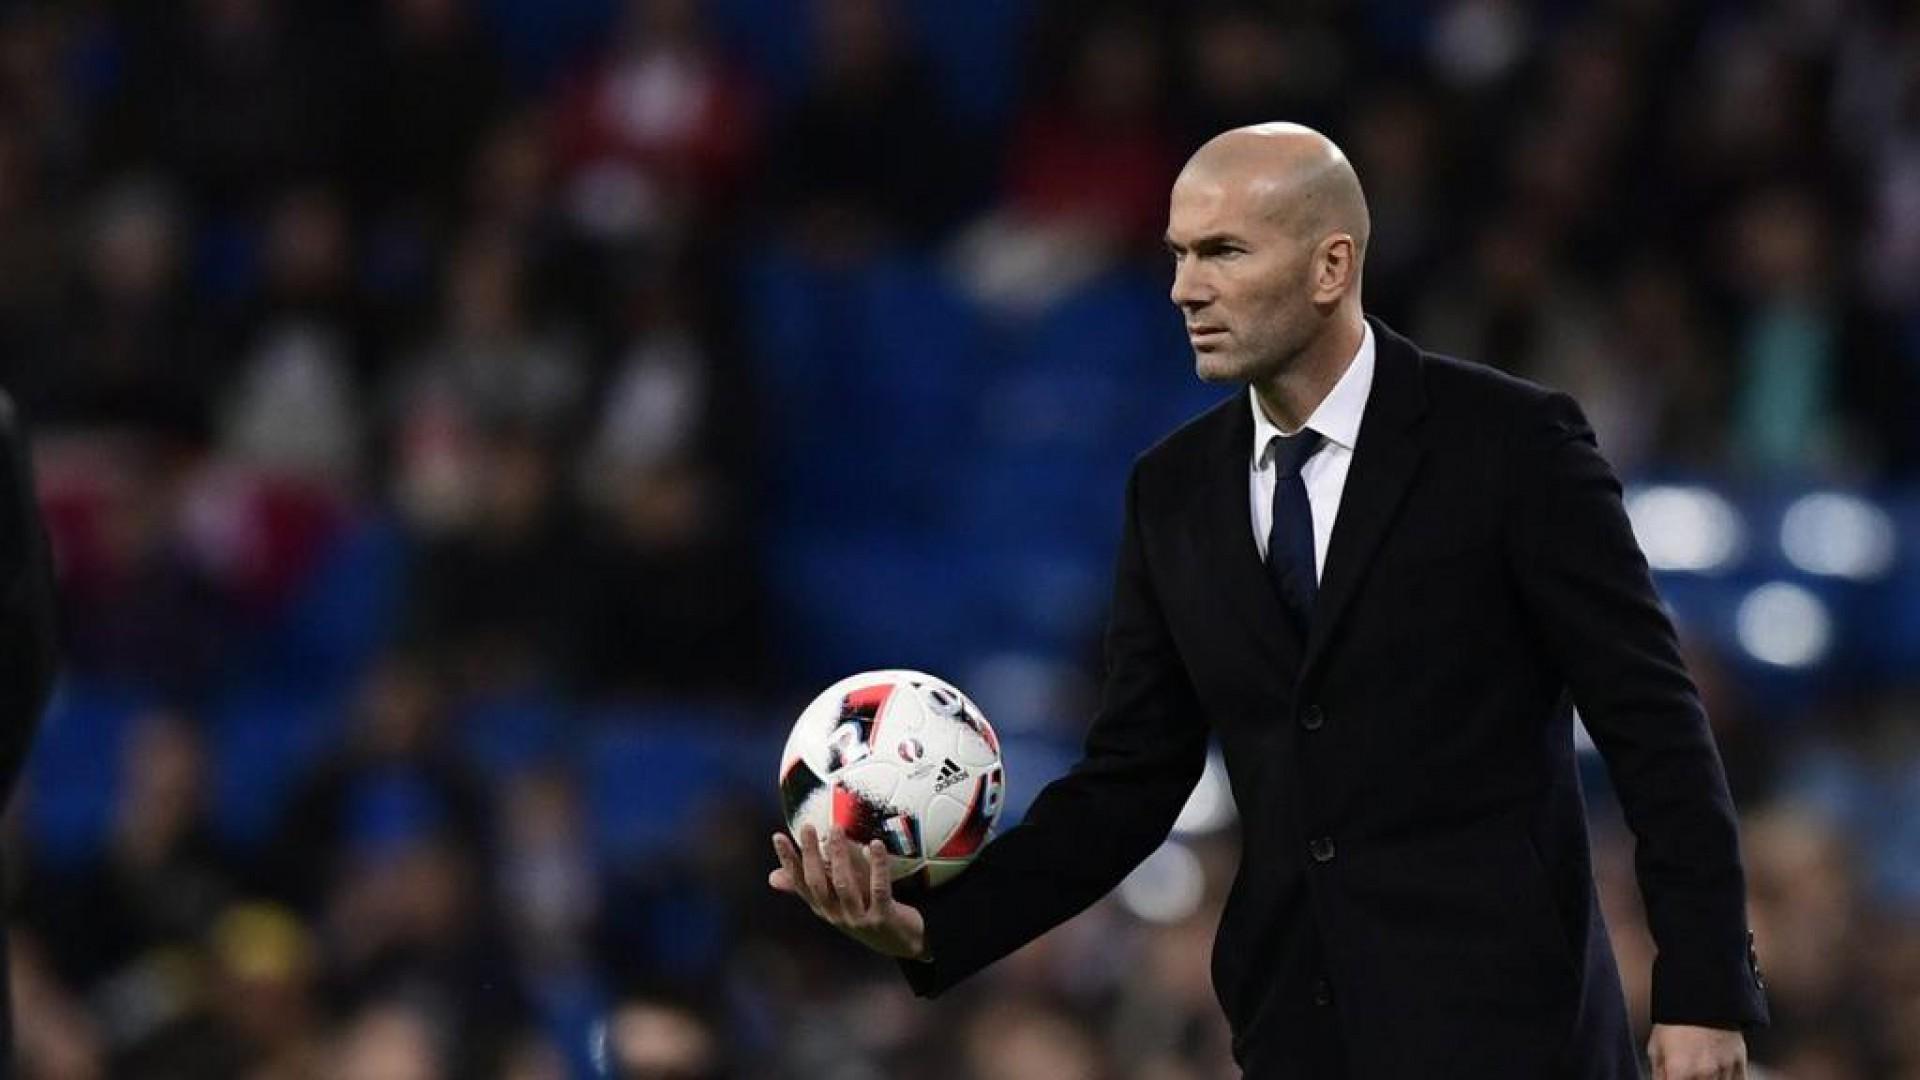 Real Madrid e Liverpool duelam hoje pelas quartas de final da Champions League, a Liga dos Campeões, em jogo que terá transmissão online e de graça. Confira onde e como assistir ao vivo